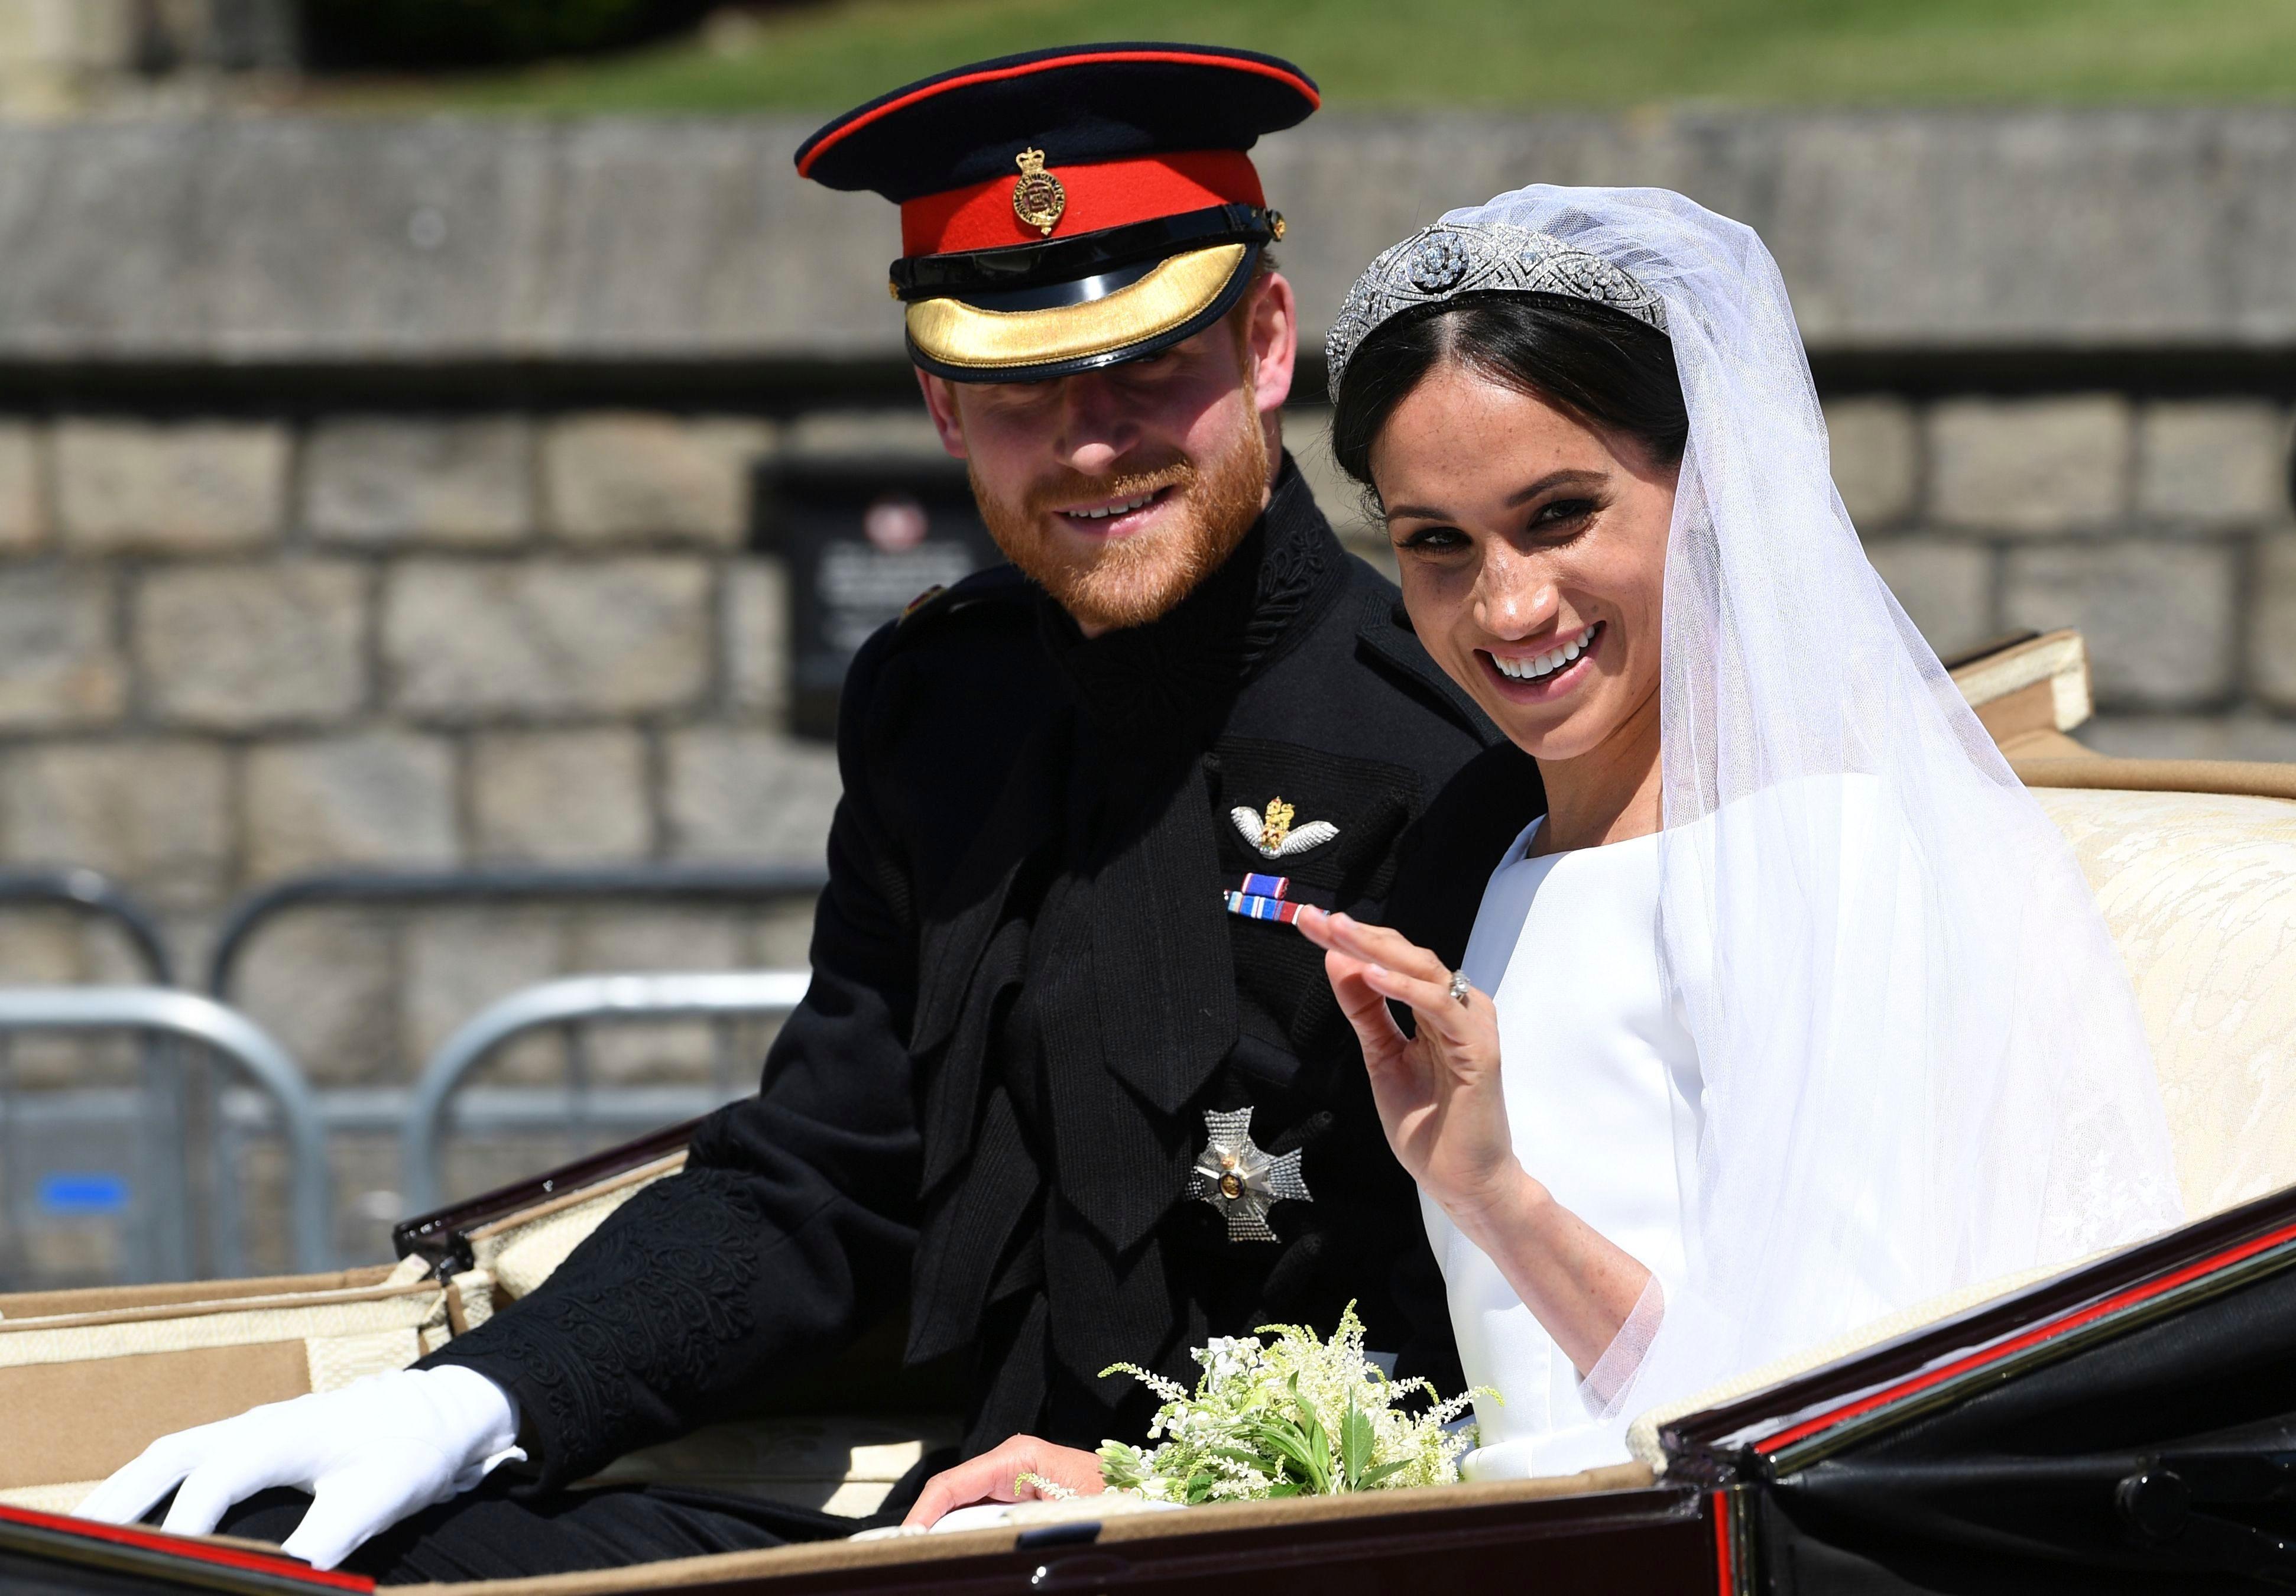 Meghan Markel in Wedding Dress